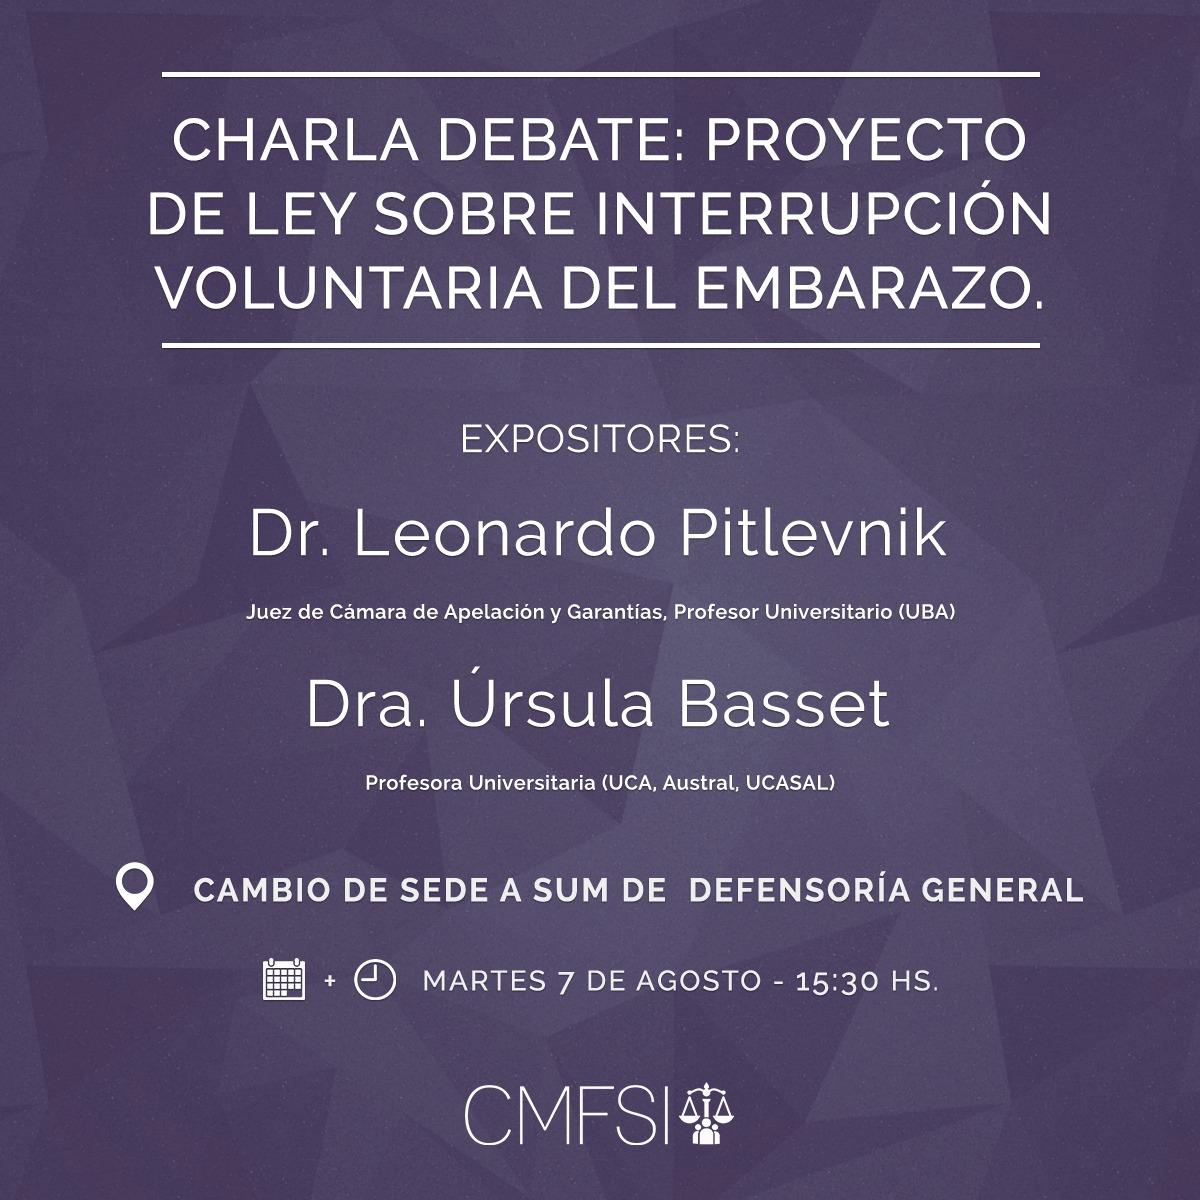 charla debate proyecto de ley sobre interrupcion voluntaria del embarazo